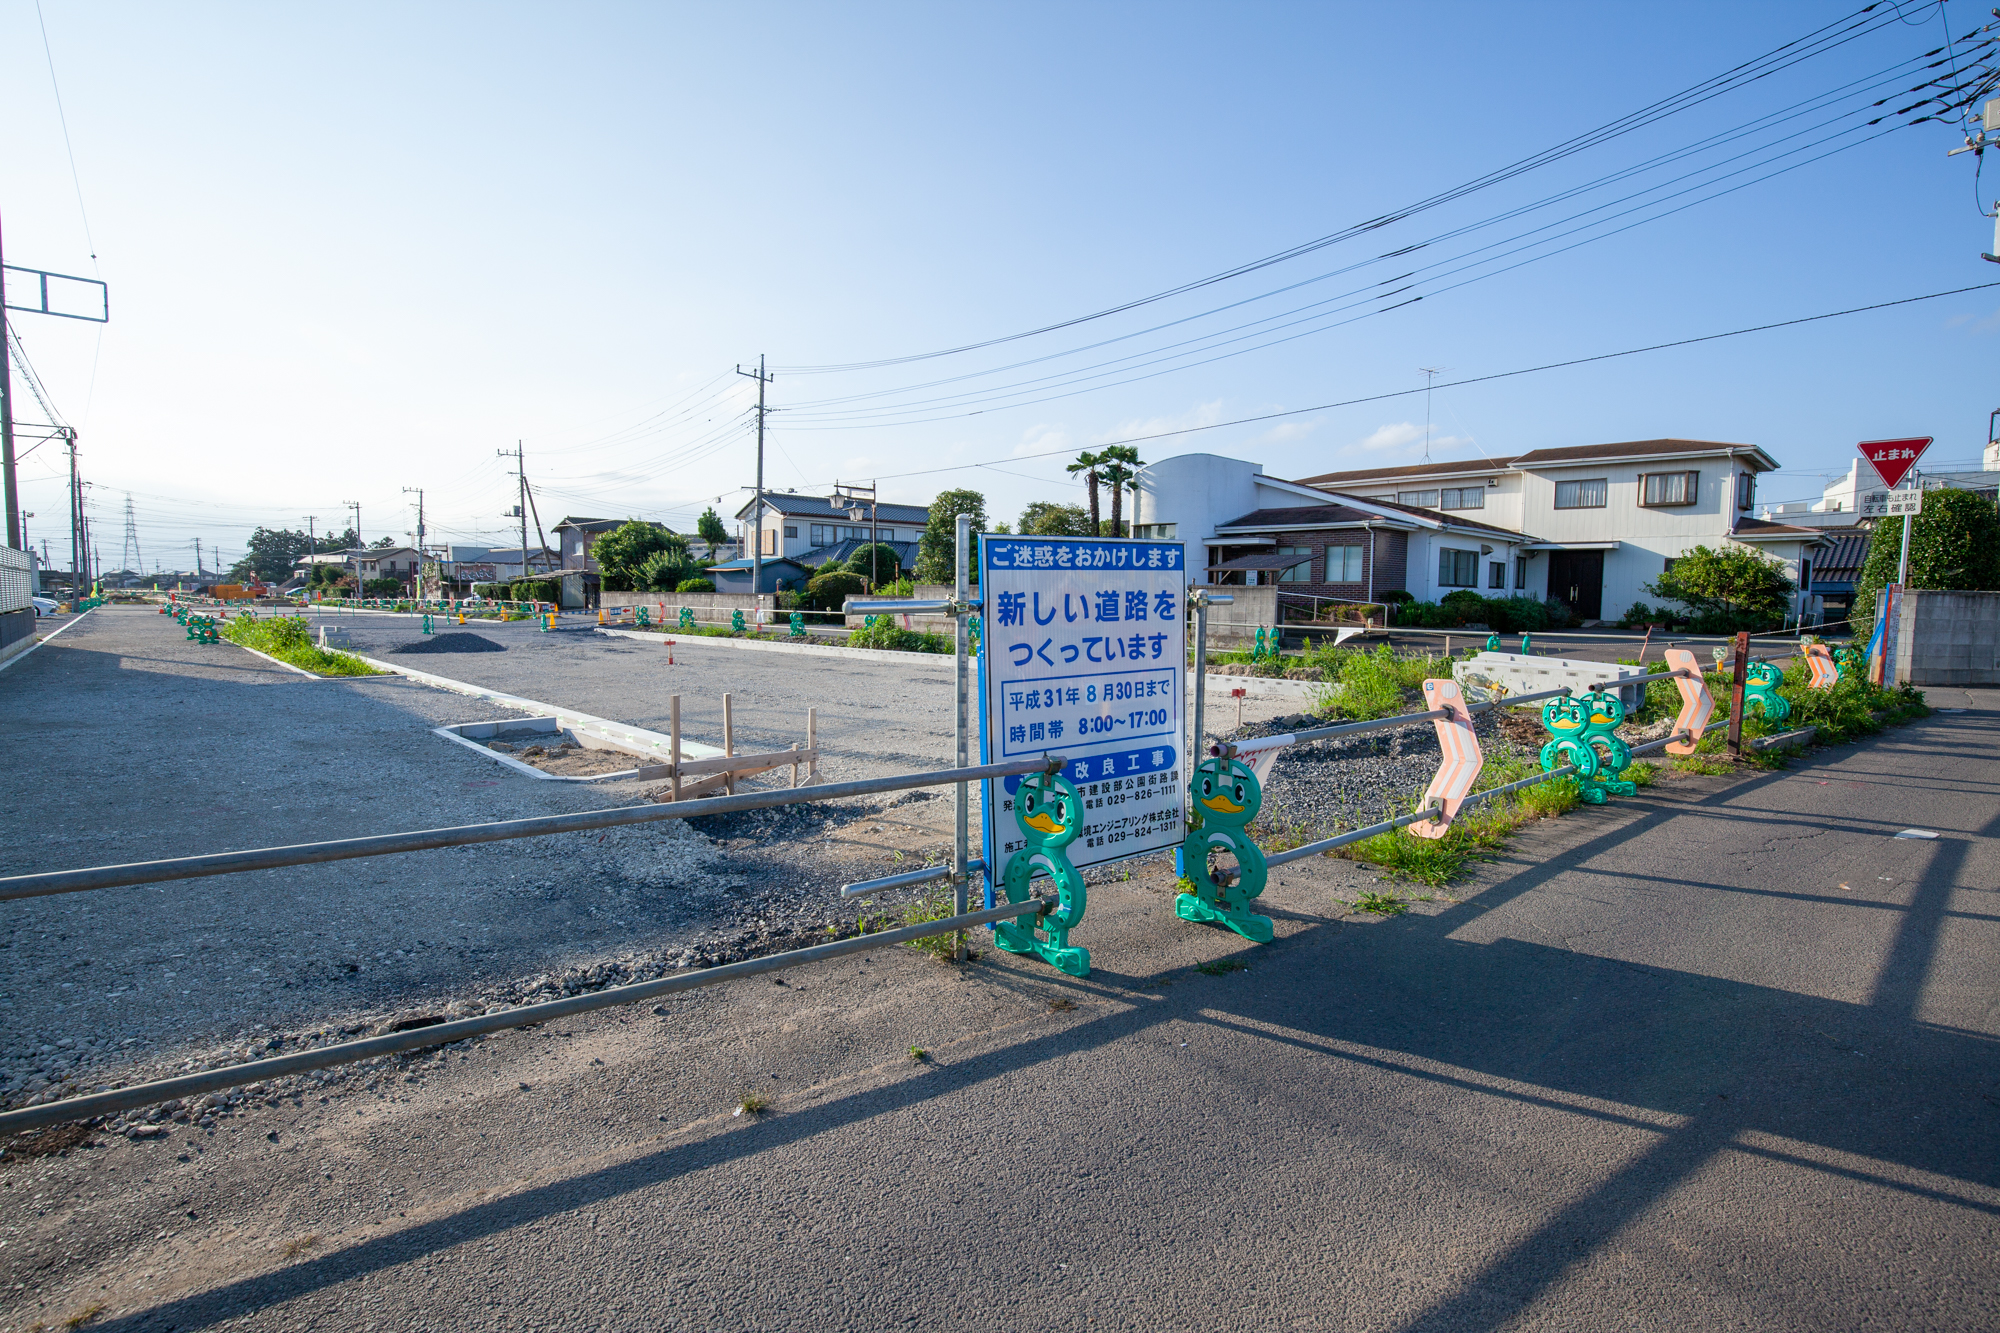 f:id:akichiniiko:20200528231934j:plain